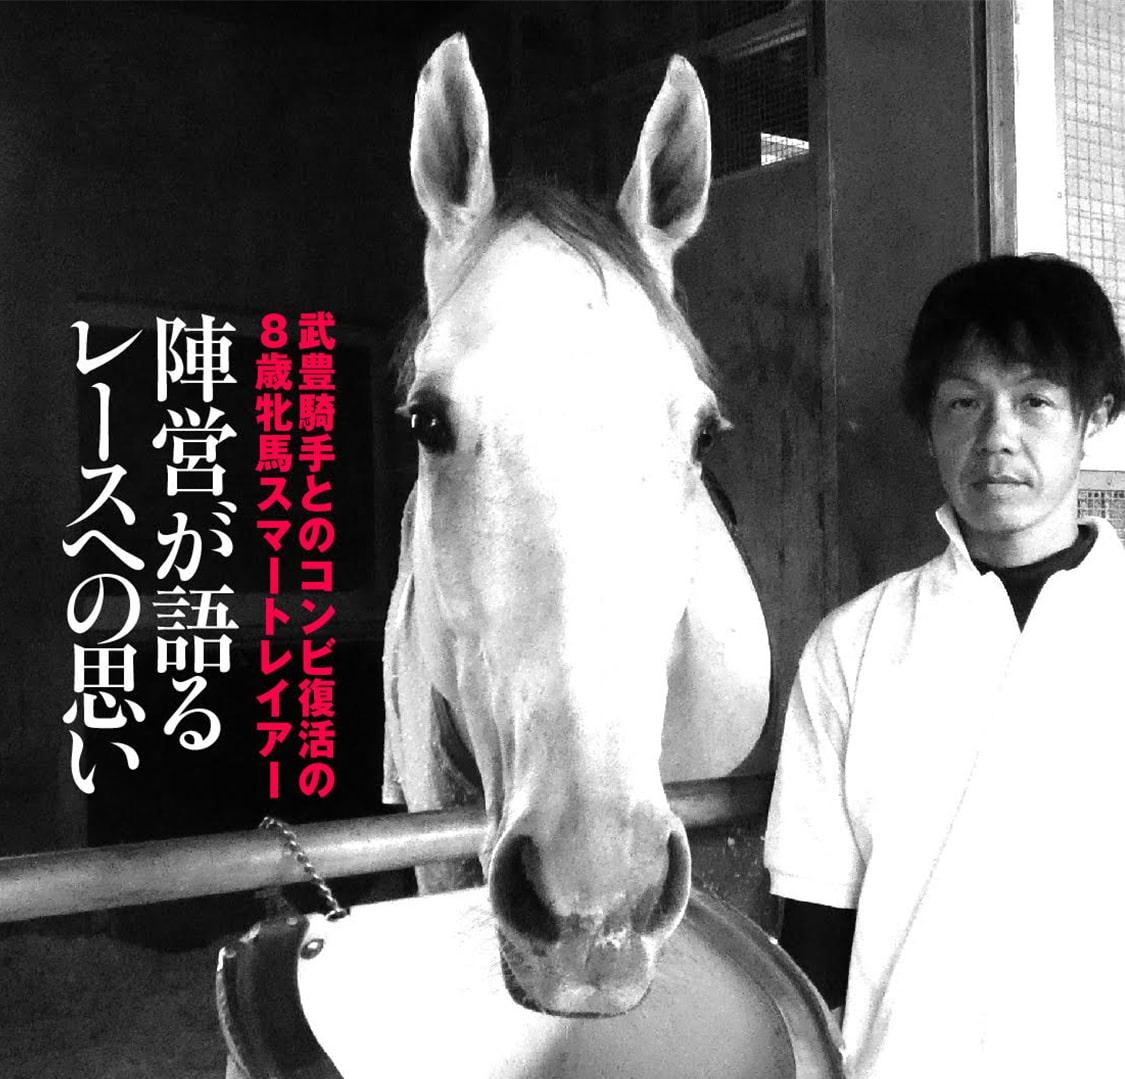 武豊騎手とのコンビ復活 8歳馬スマートレイアー陣営の願い「どうか無事に、そしてミラクルを!」